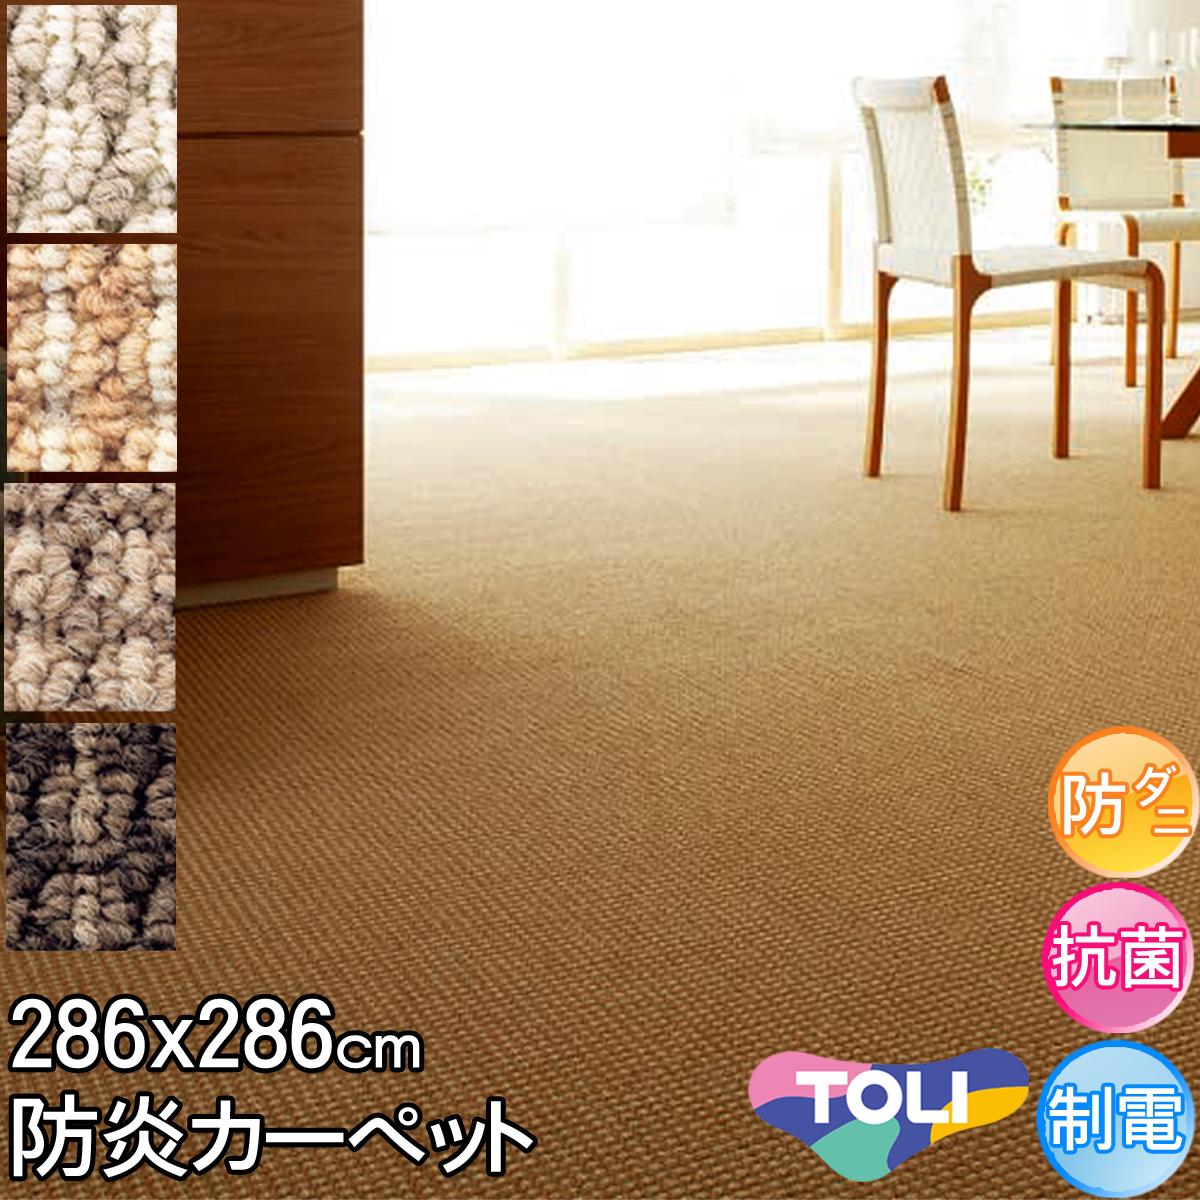 東リ カーペット 4.5畳 約286×286cm 本間 4.5帖 デザインカーペット 防ダニ 抗菌 防炎 シンプル アースカラー ライトブラウン ベージュ ブラウン ダークブラウン春夏秋冬用 カーペット ラグ 日本製 絨毯 セグエ